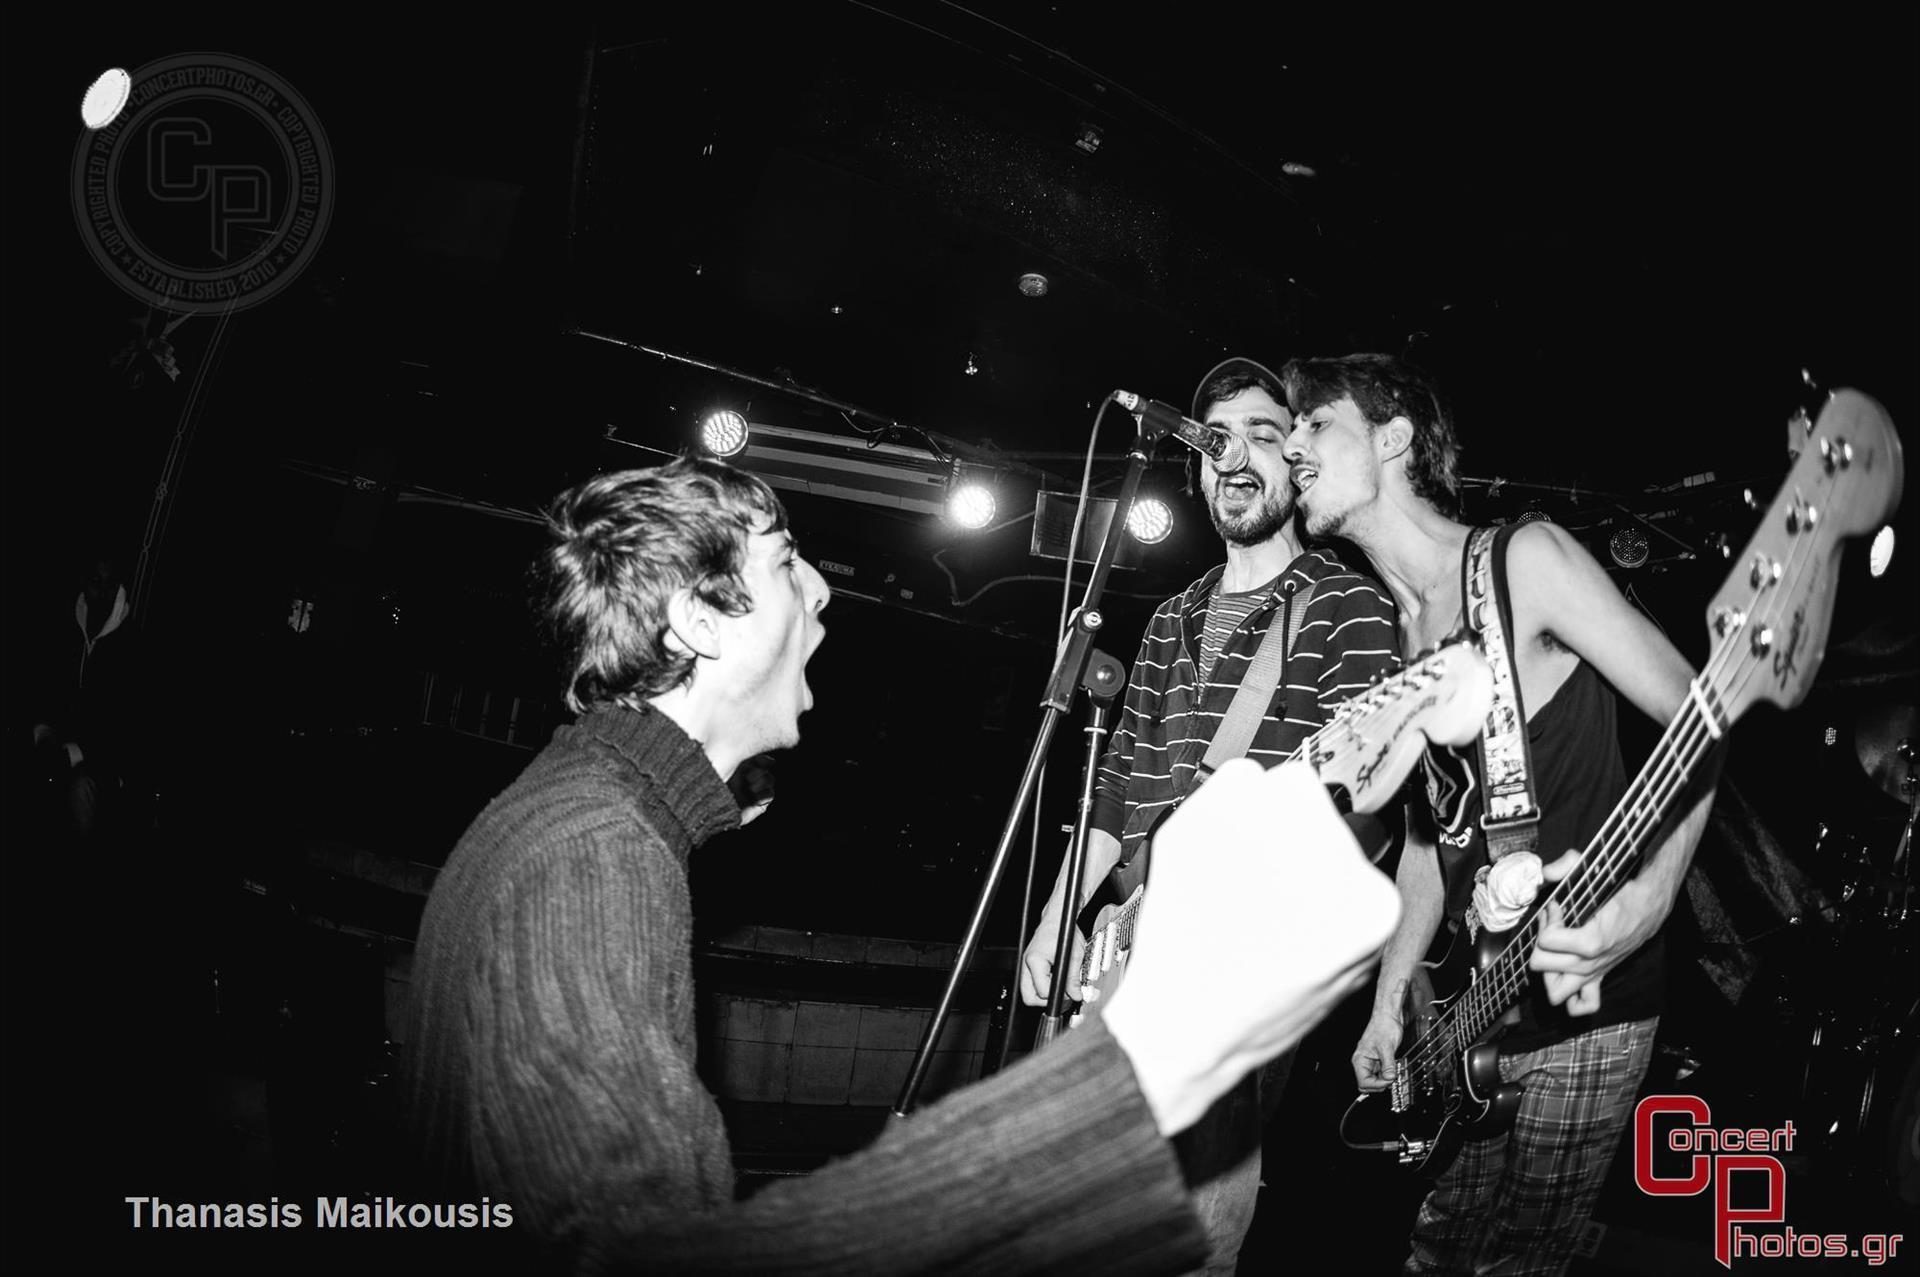 Battle Of The Bands Leg 5-Battle Of The Bands Leg 4 photographer: Thanasis Maikousis - ConcertPhotos - 20150315_2333_28